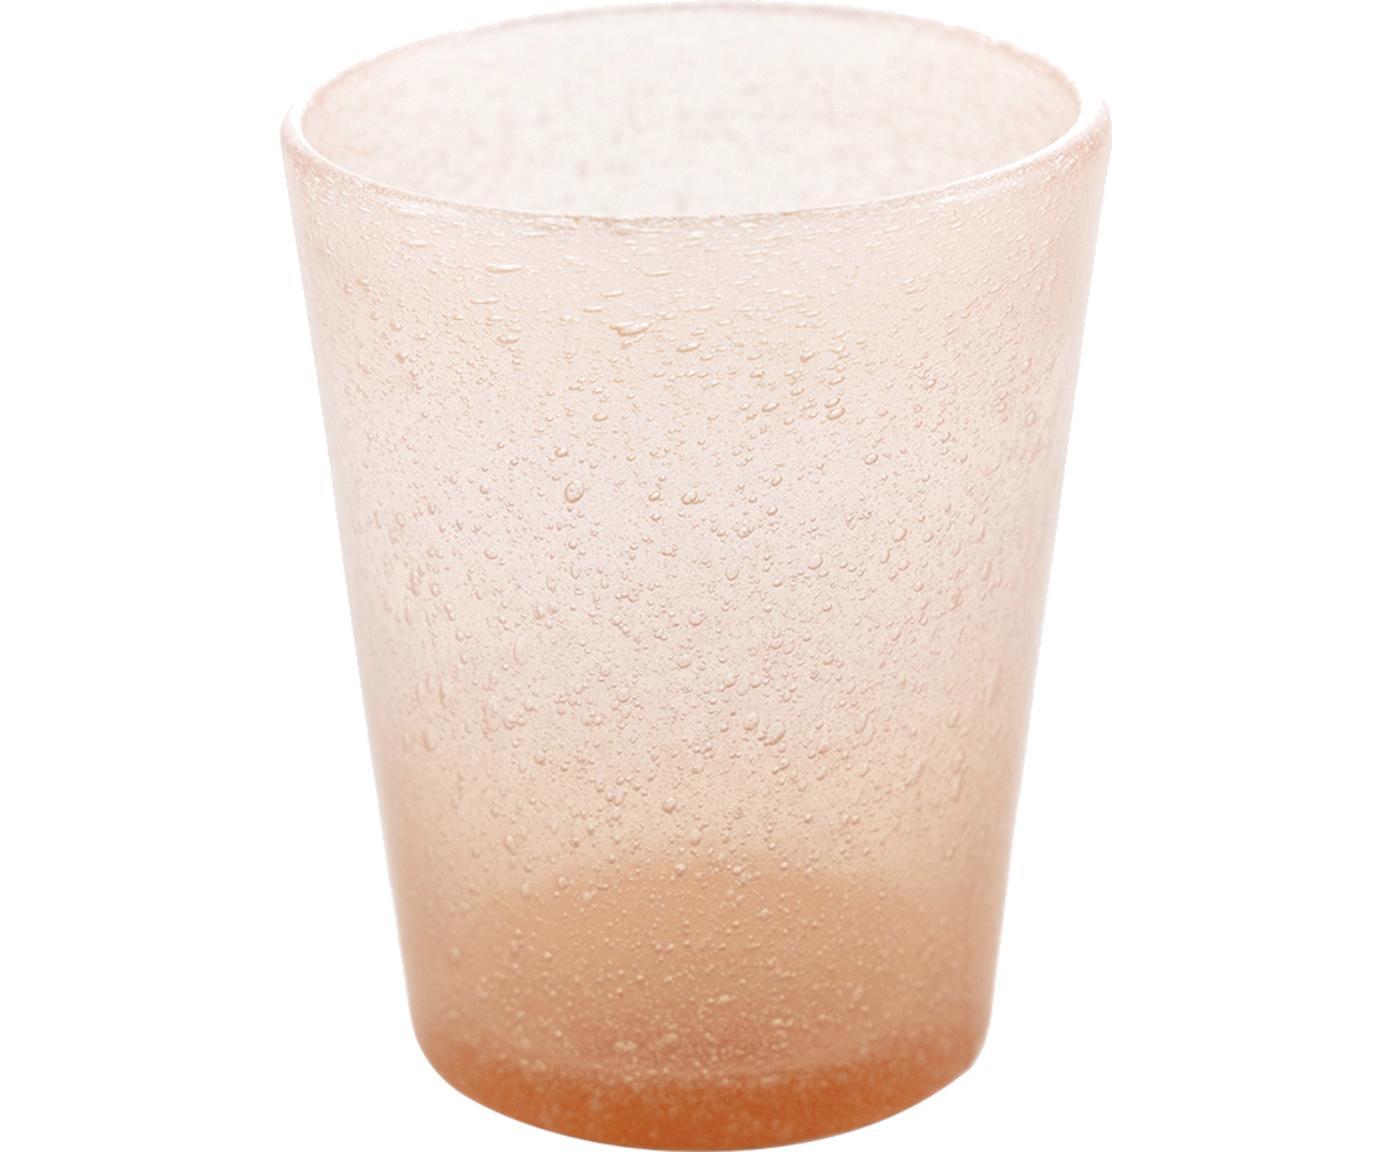 Mundgeblasene Wassergläser Cancun in Orange, 6 Stück, Glas, mundgeblasen, Lachsfarben, Ø 9 x H 10 cm